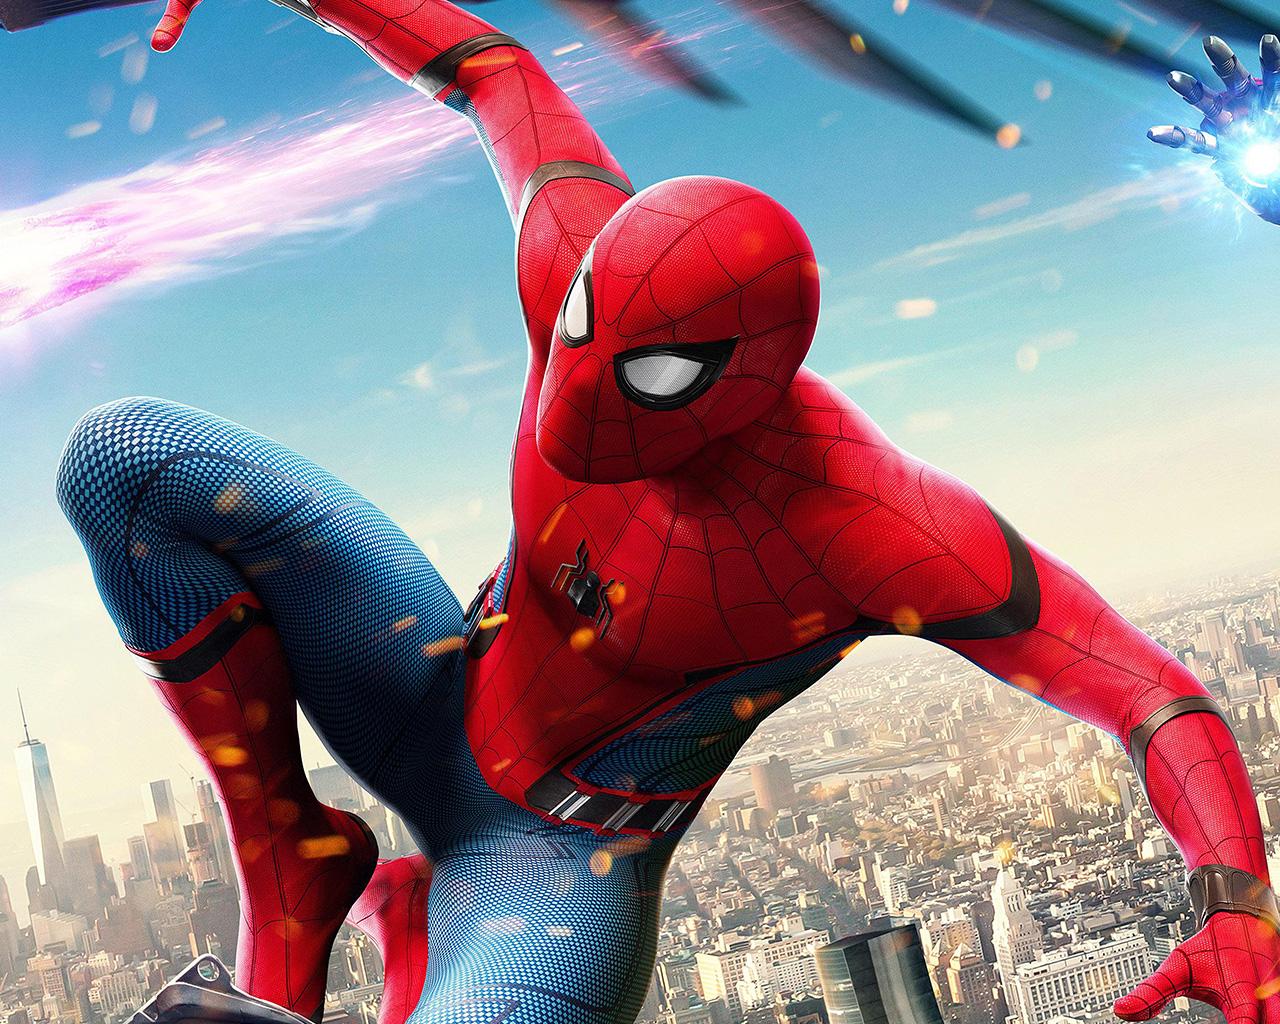 Rain Wallpaper Anime Be77 Spiderman Hero Marvel Avengers Art Illustration Wallpaper